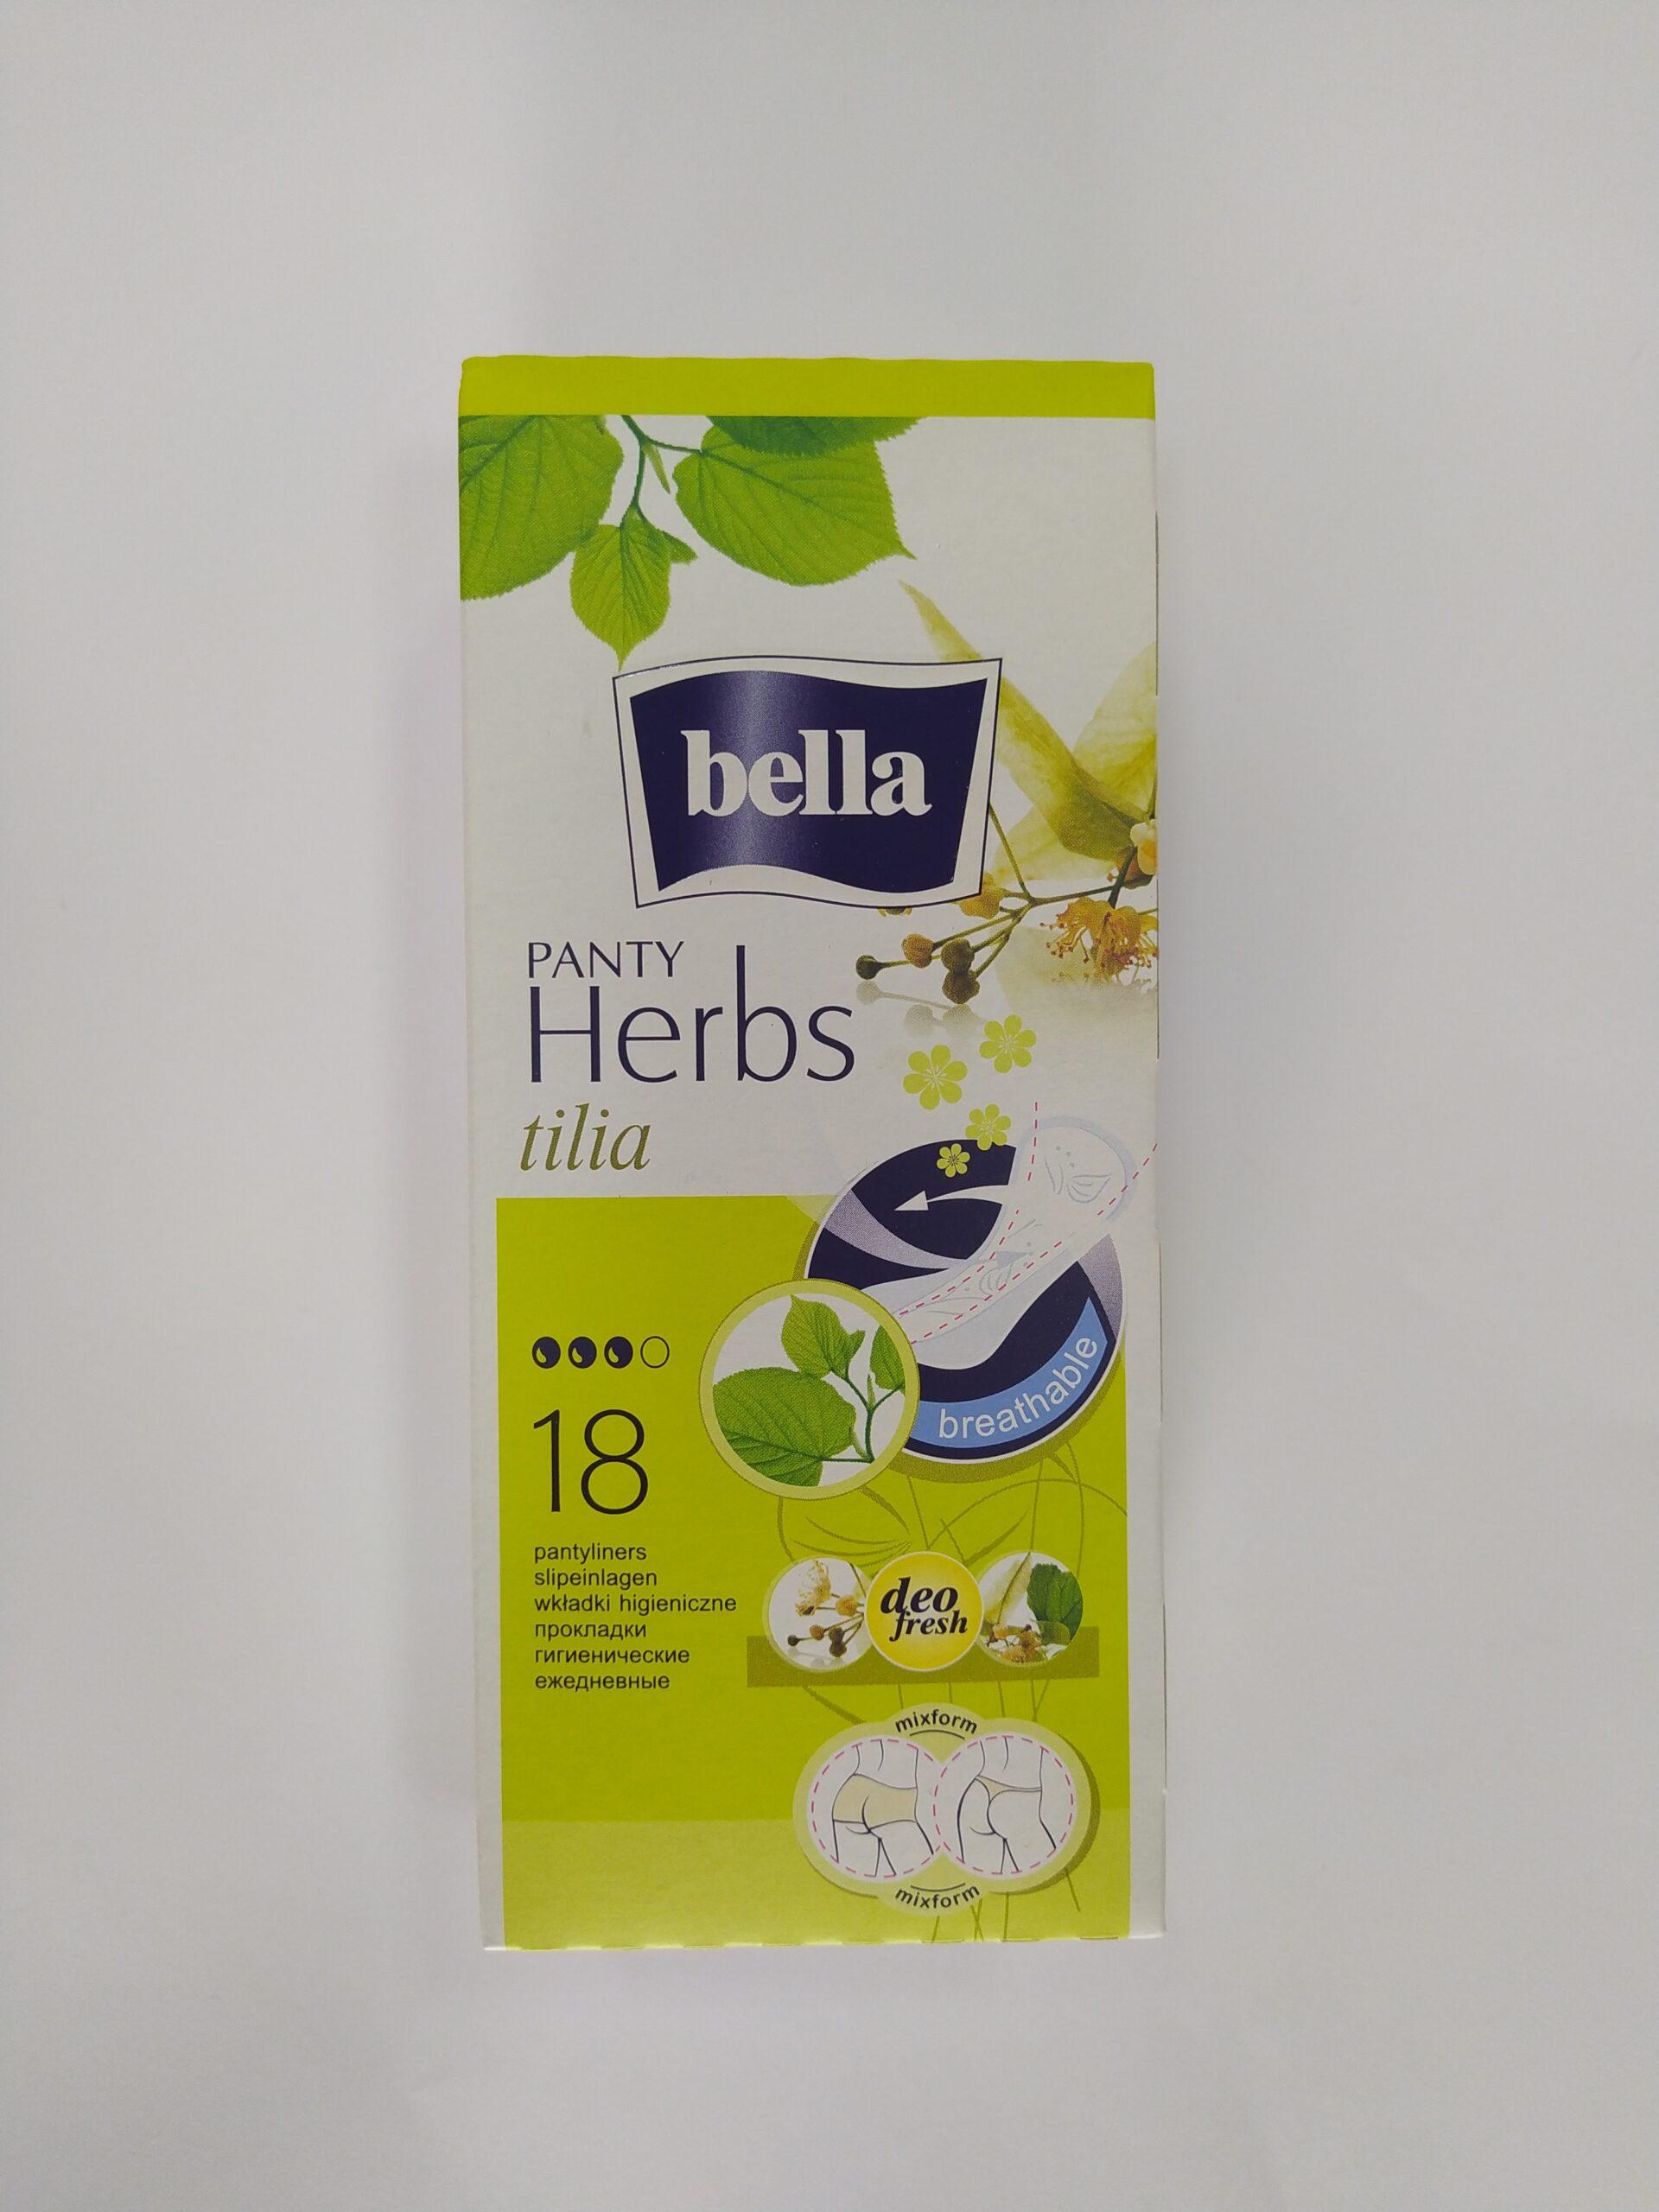 PANTY Herbs tilia – salvaslip